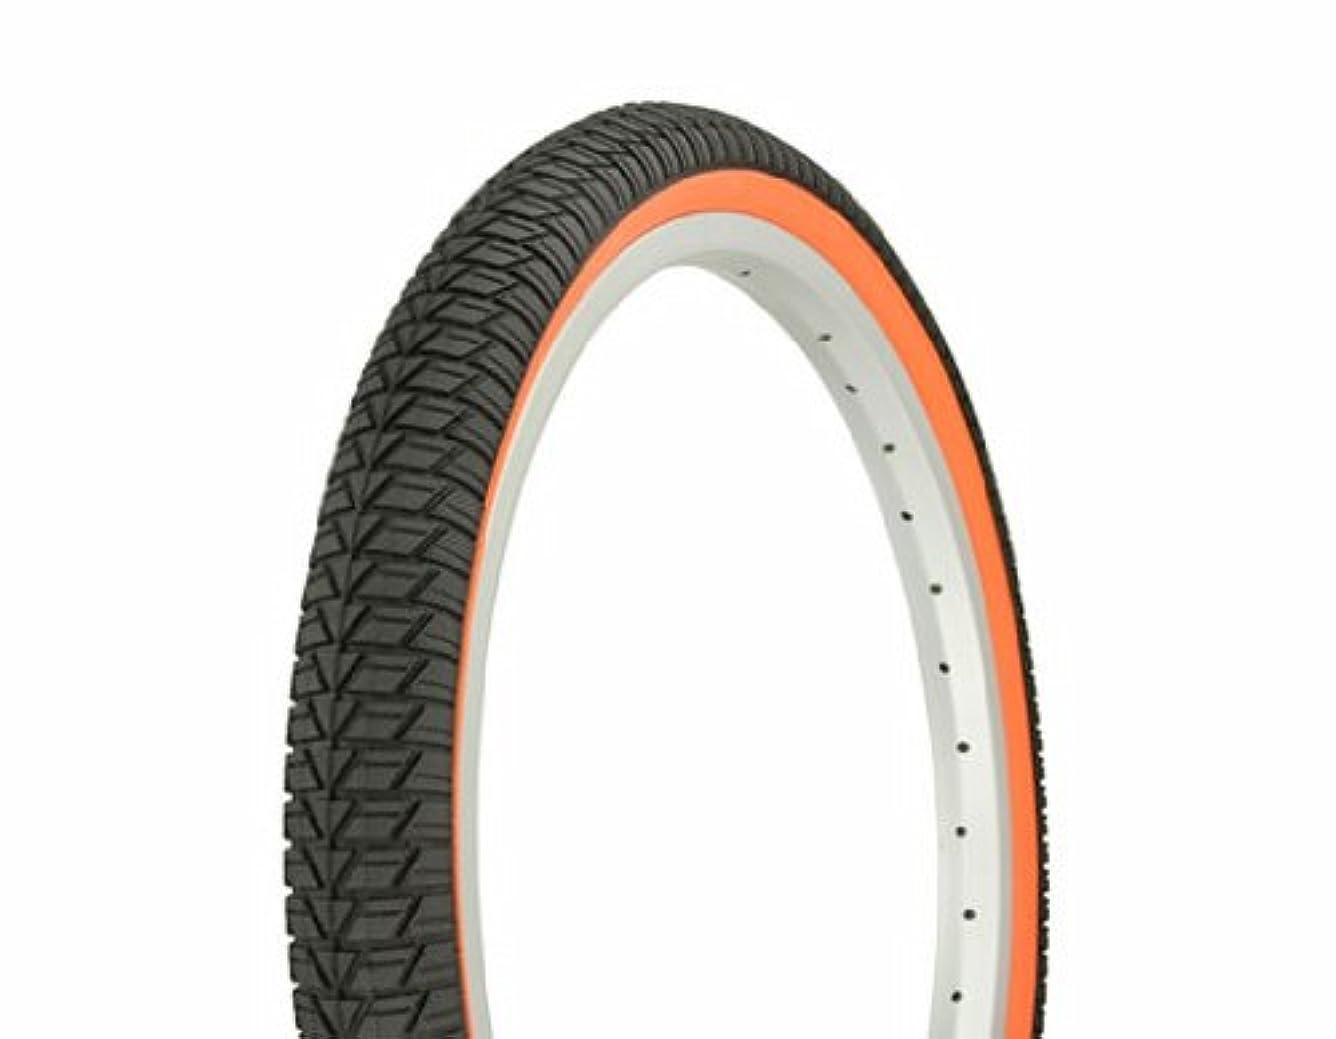 姿を消すステープル時代タイヤ デュロ 20インチ x 1.75インチ ブラック/オレンジ サイドウォール HF-864 自転車タイヤ 自転車タイヤ ローライダーバイクタイヤ ローライダー自転車タイヤ BMXバイクタイヤ チョッパーバイクタイヤ